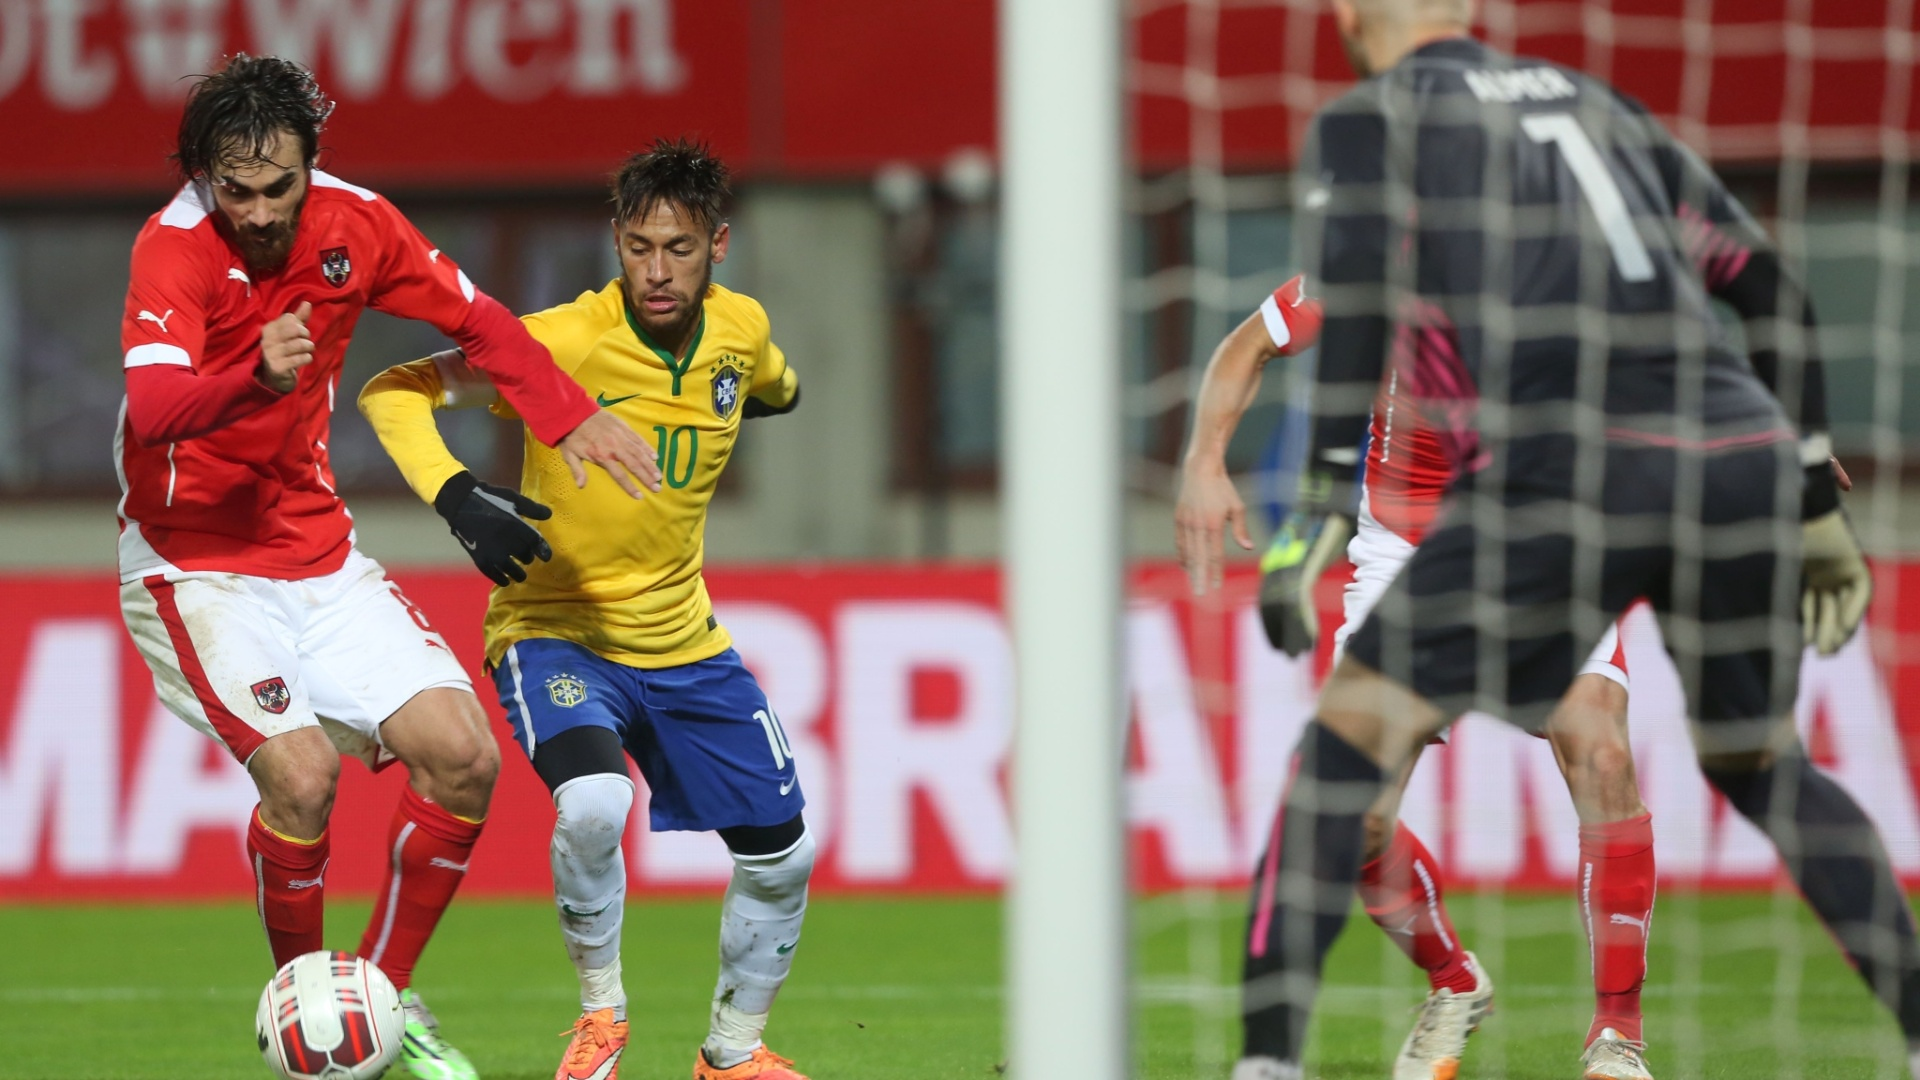 Neymar tenta finalizar durante jogo do Brasil contra a Áustria